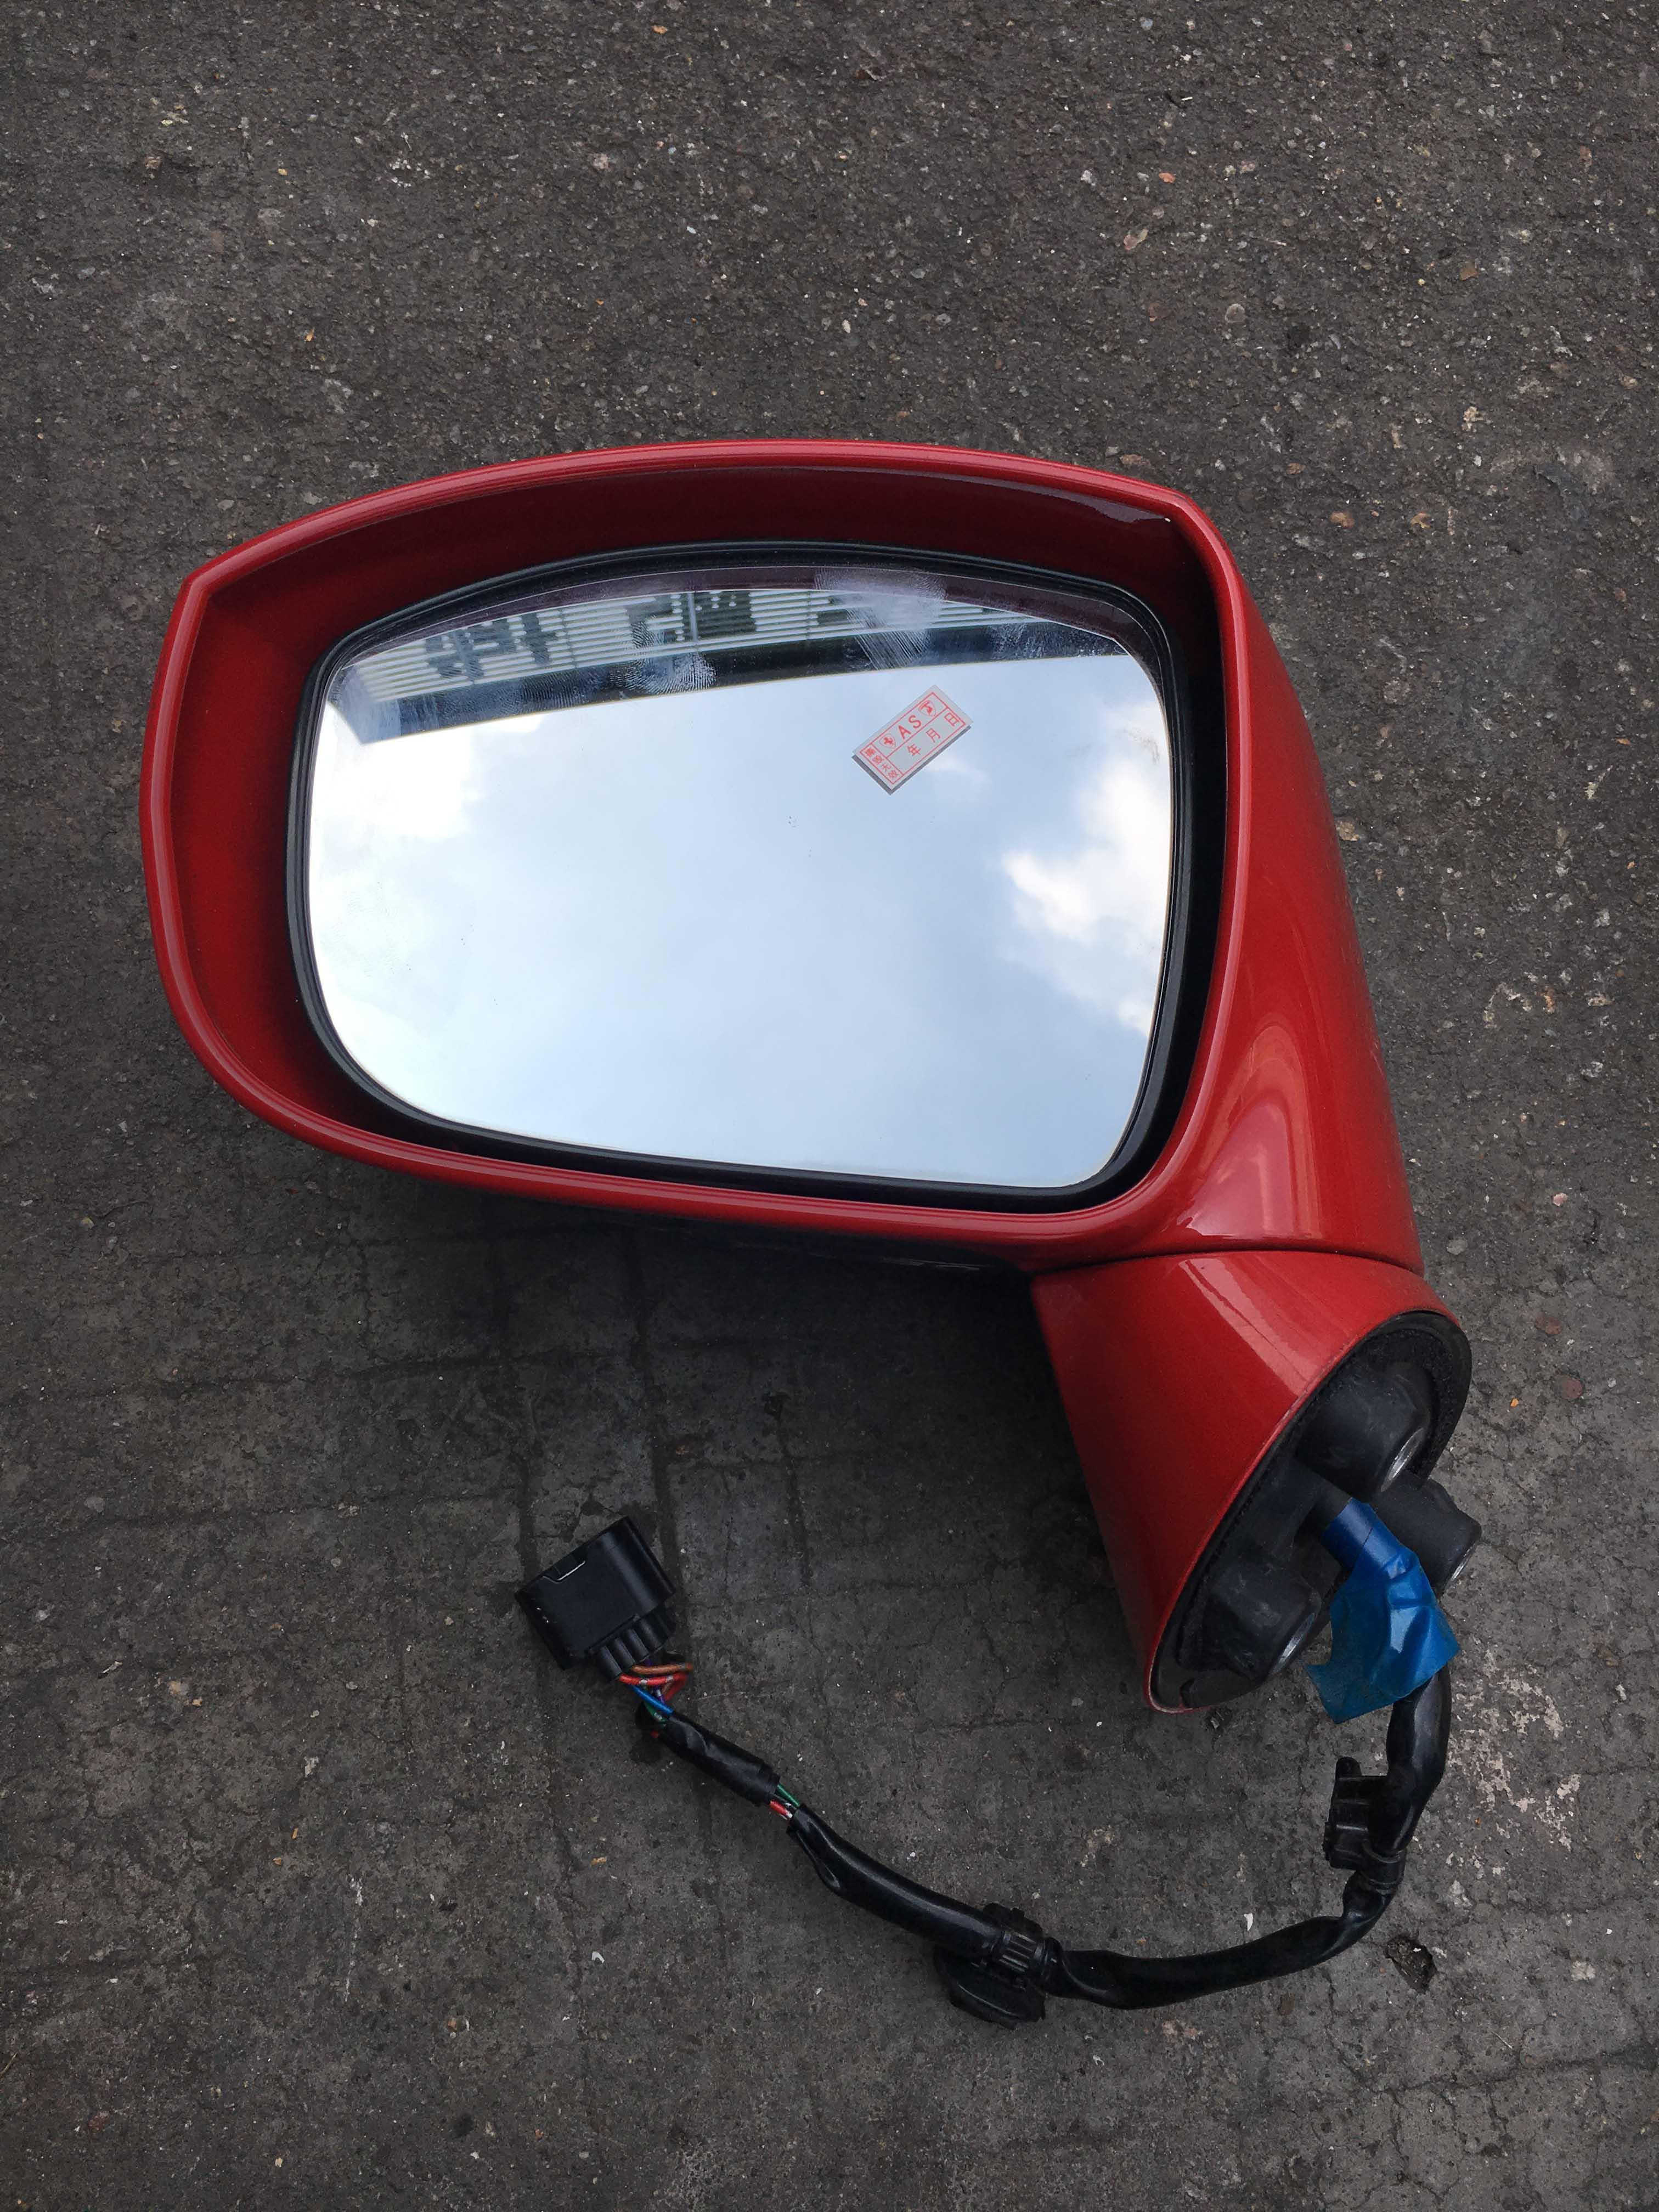 广州哪家供应的GTR汽车零件配件品质好-GTR前嘴/前头/车镜配件/车灯配件及拆车件专卖店